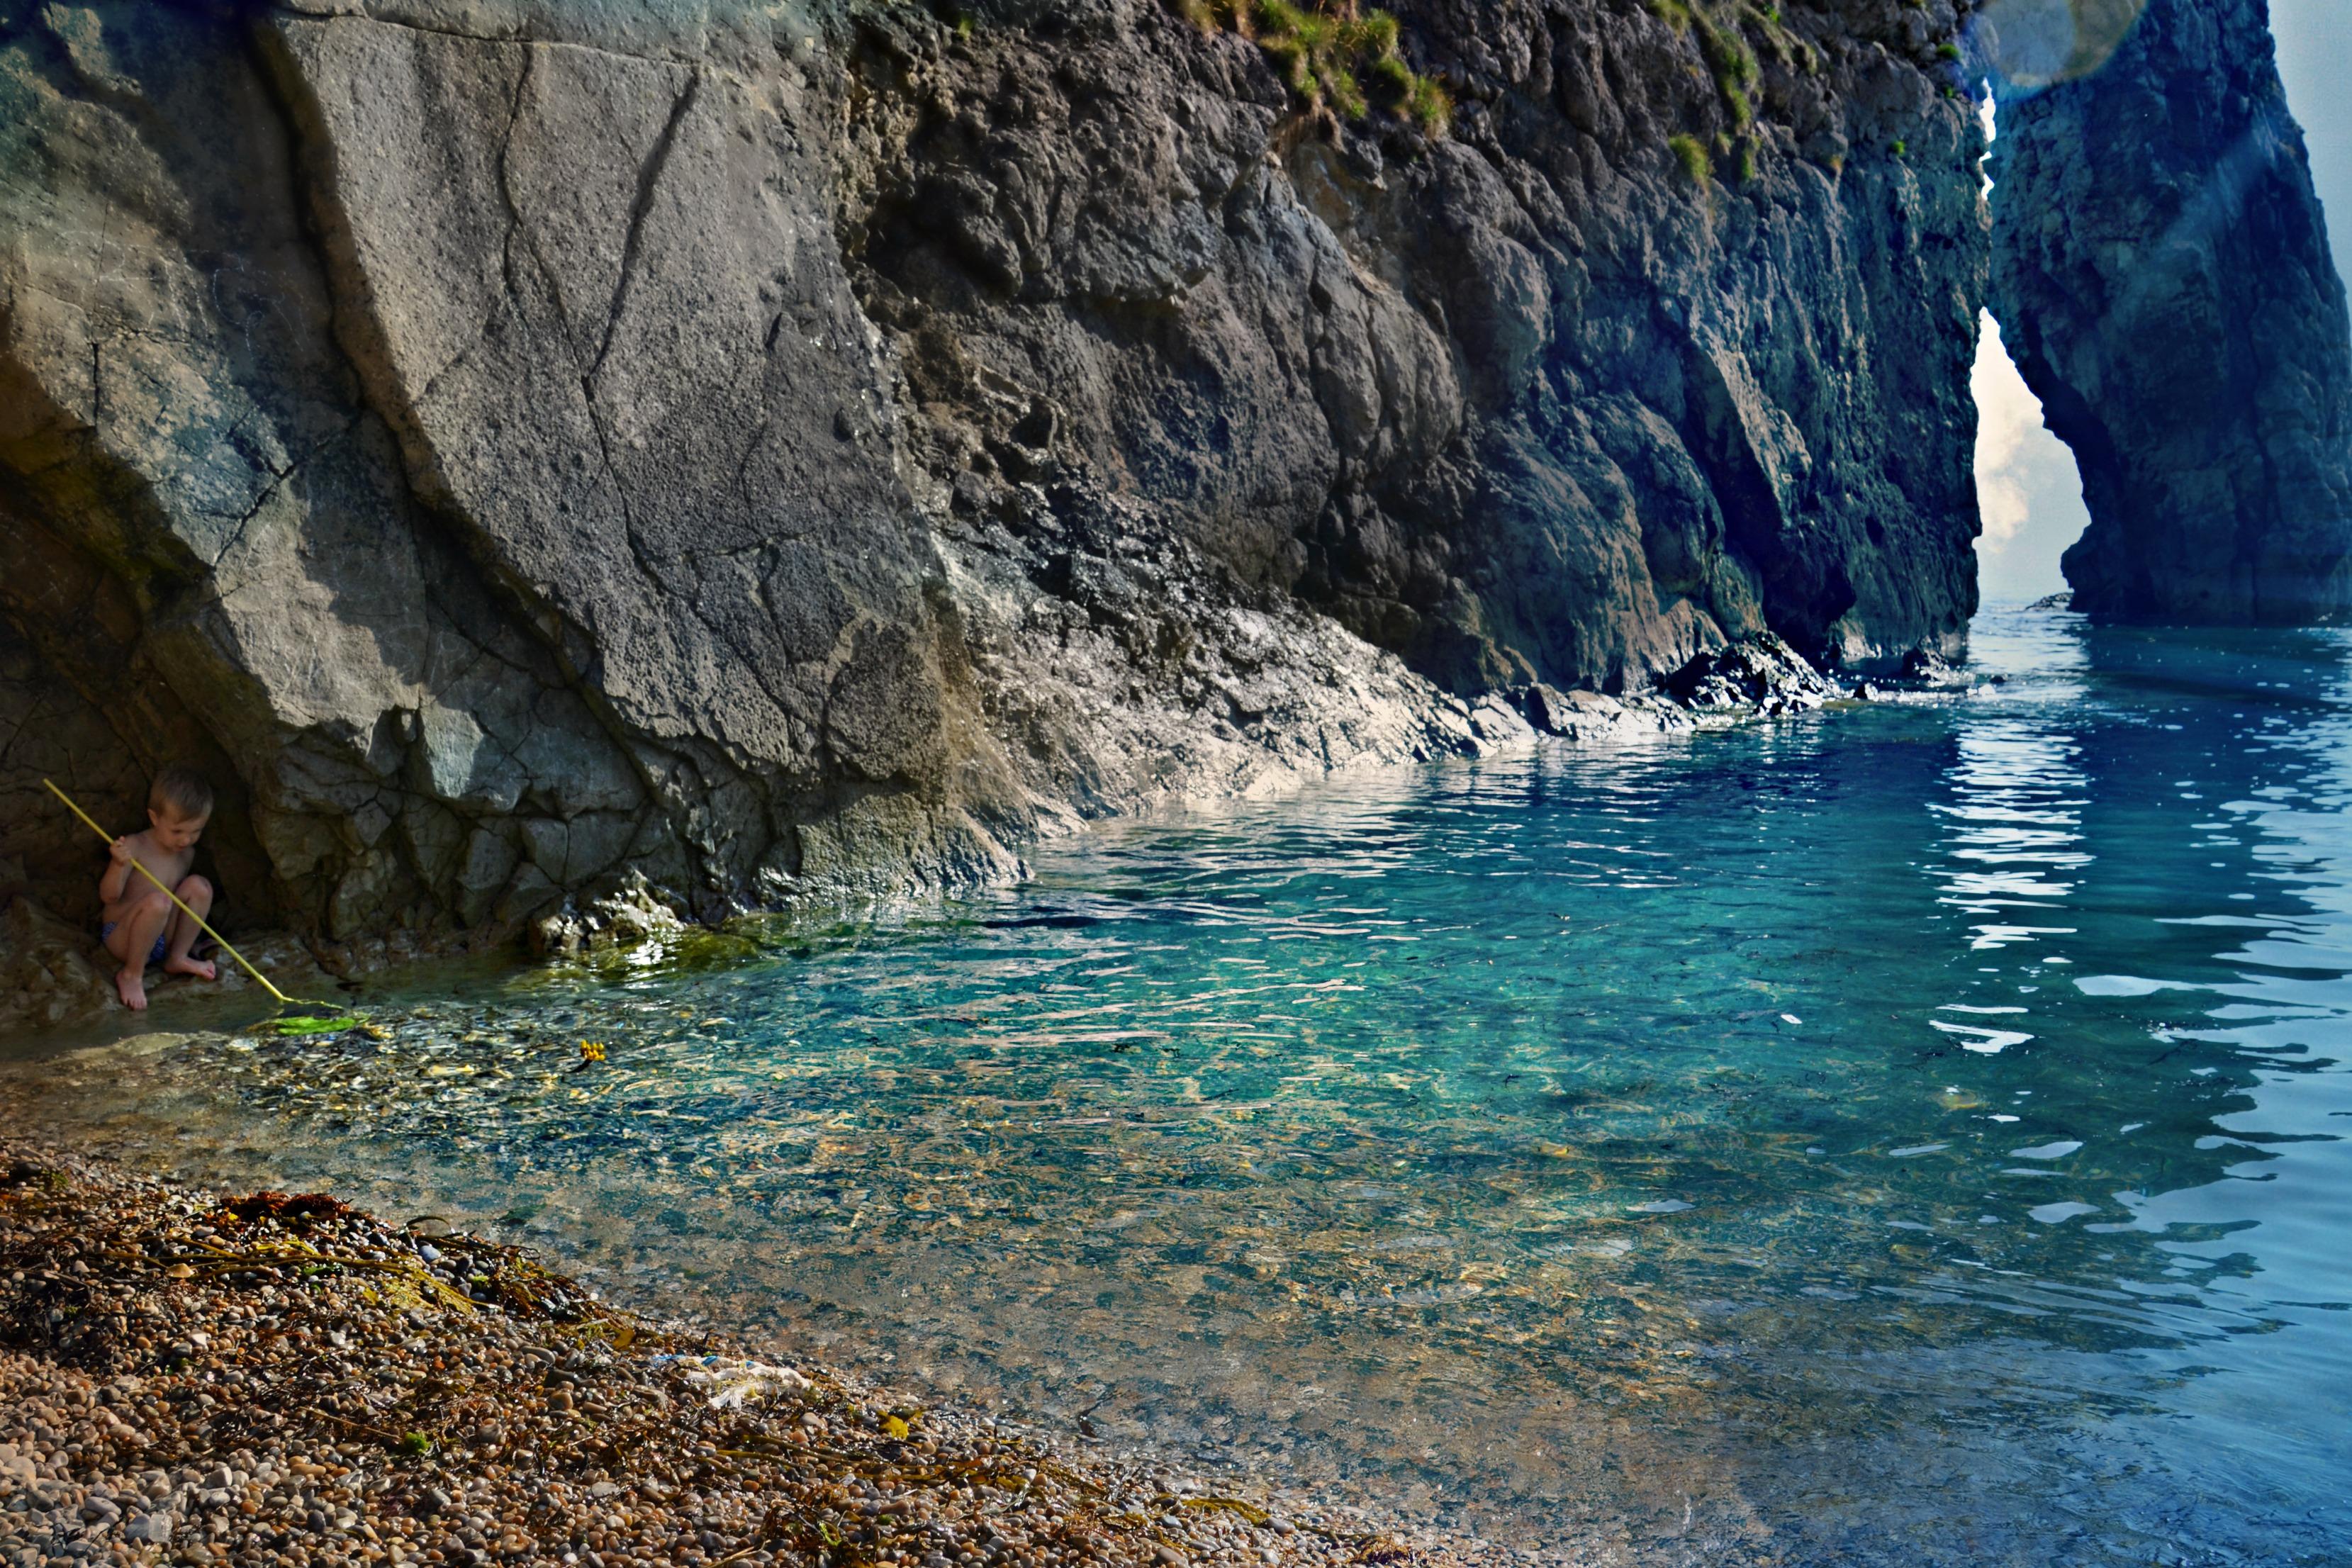 sea side photo session